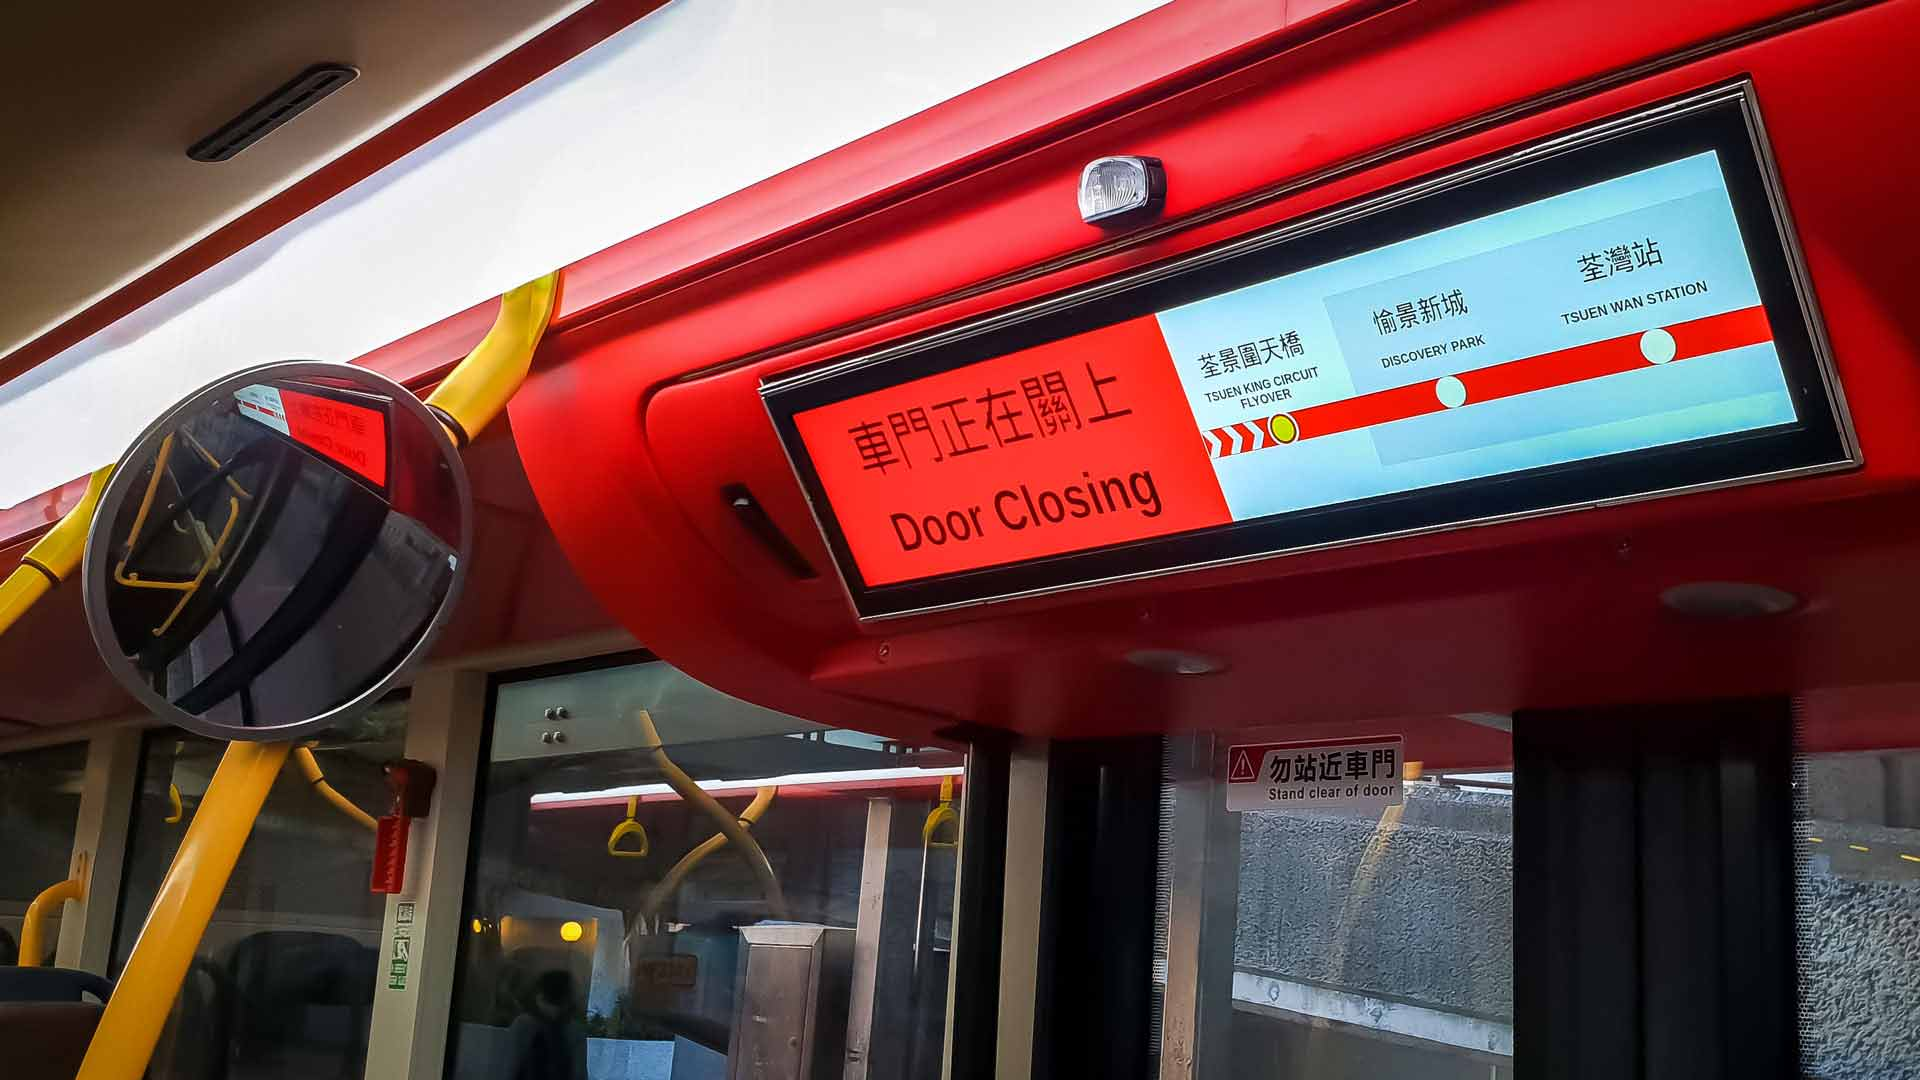 Health & Safety passenger information digital signage display